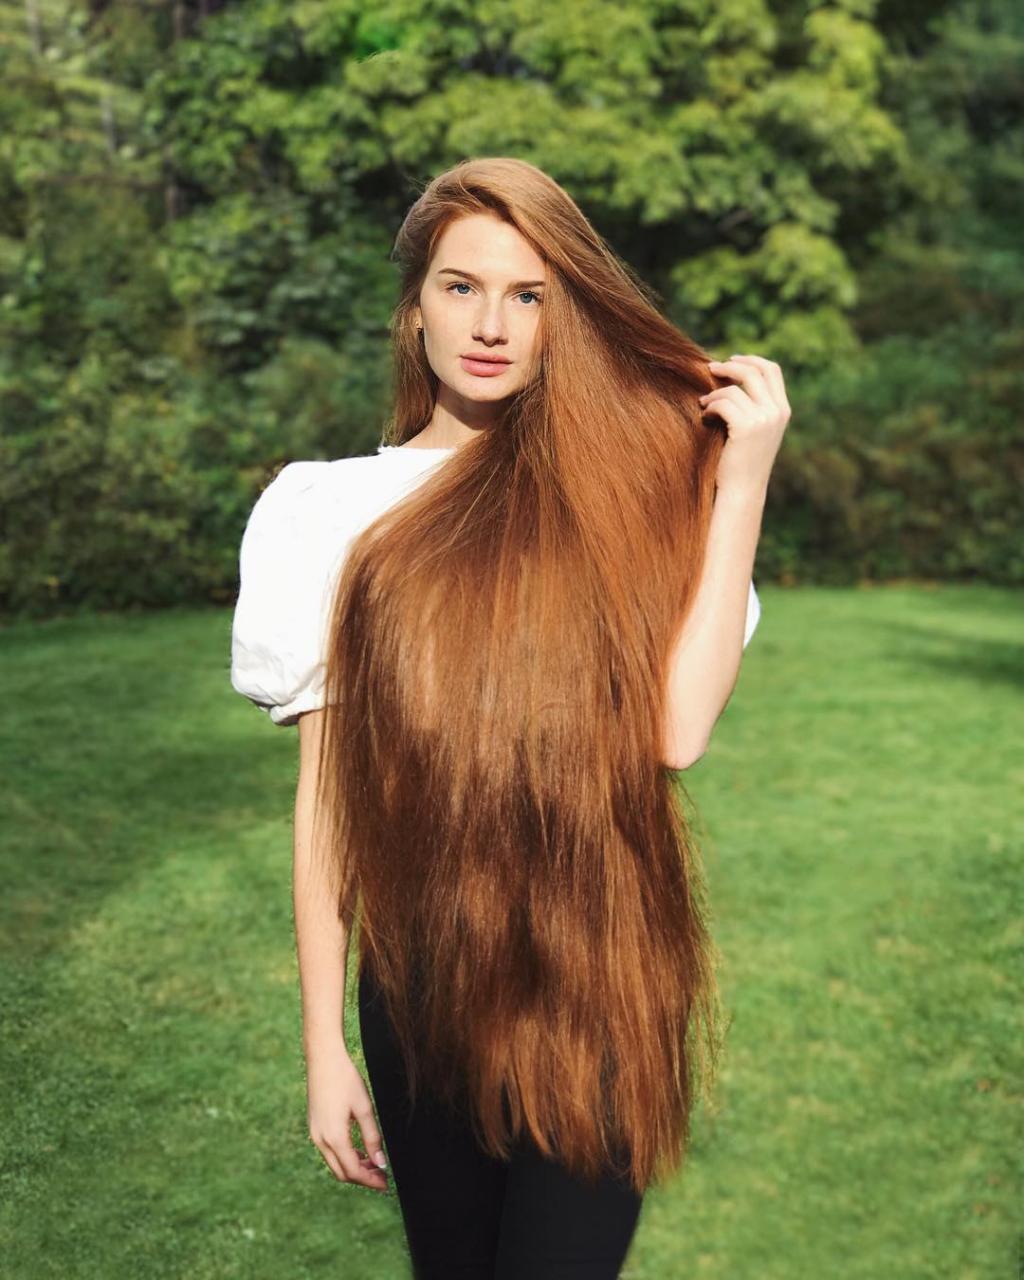 زيت جوز الهند و الثوم شعر طوييل و عديد